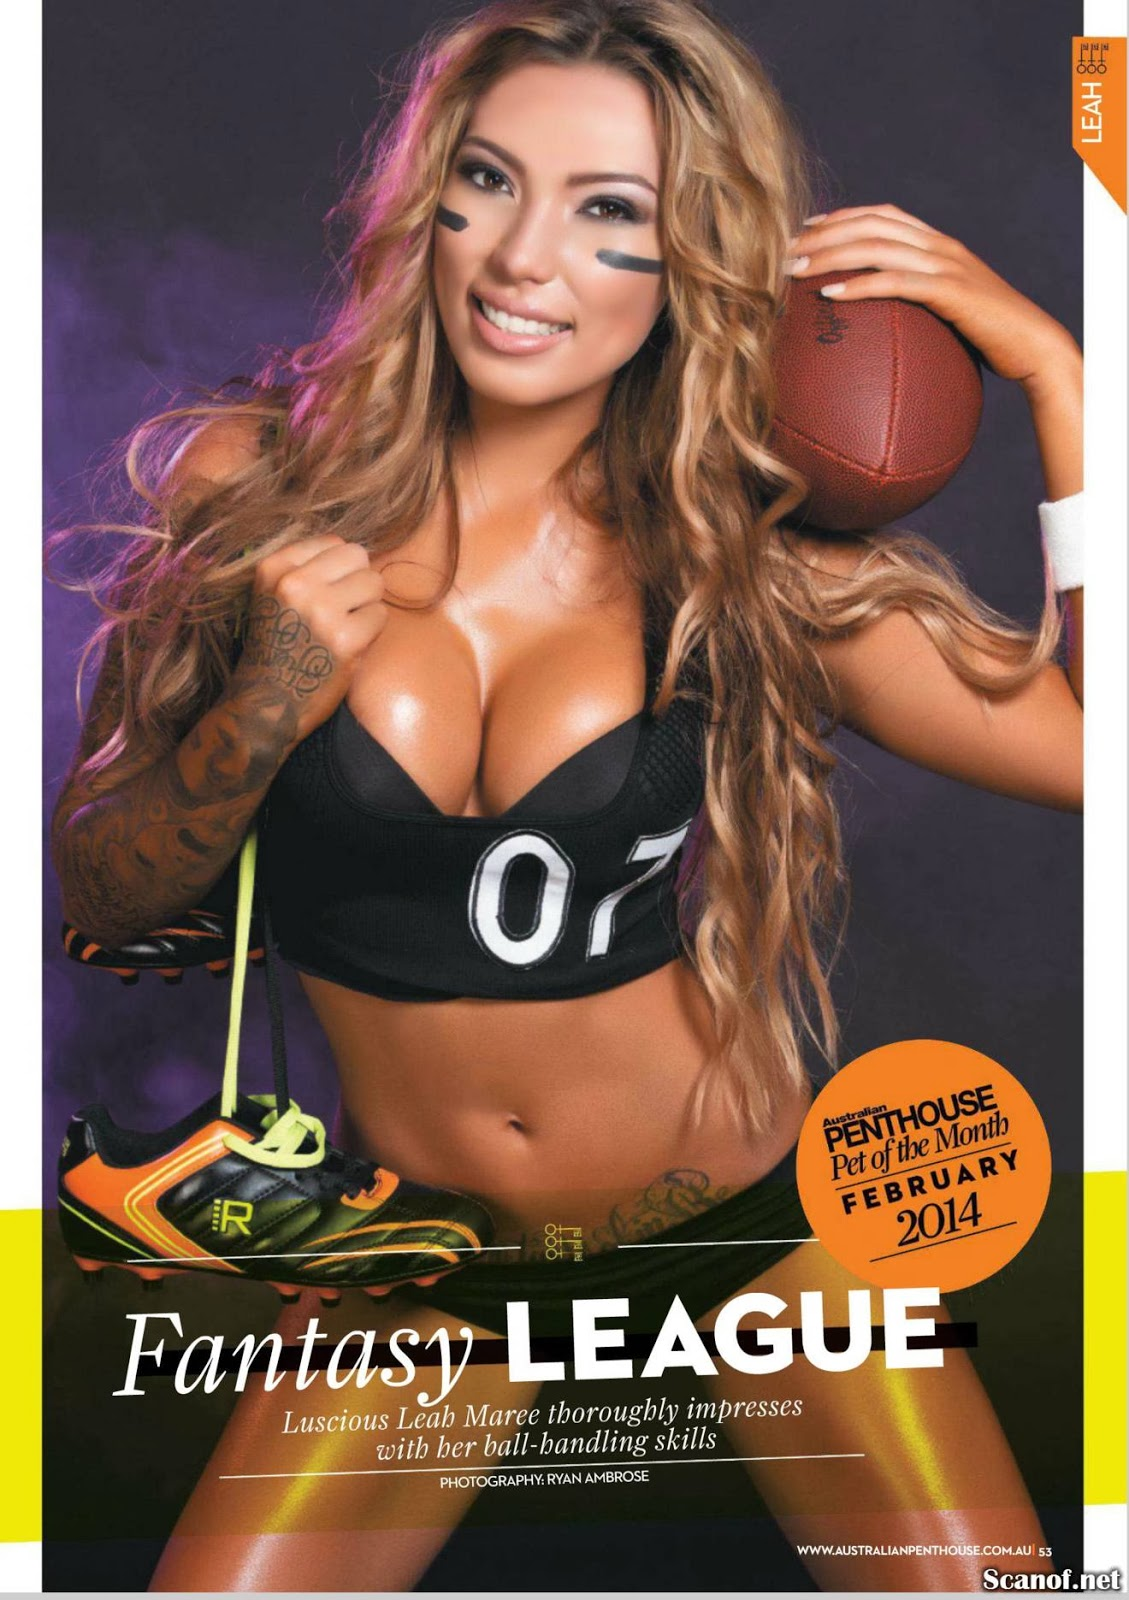 Magazine Cover : Leab Maree Magazine Photoshoot Pics on Penthouse Magazine Australia February 2014 Issue